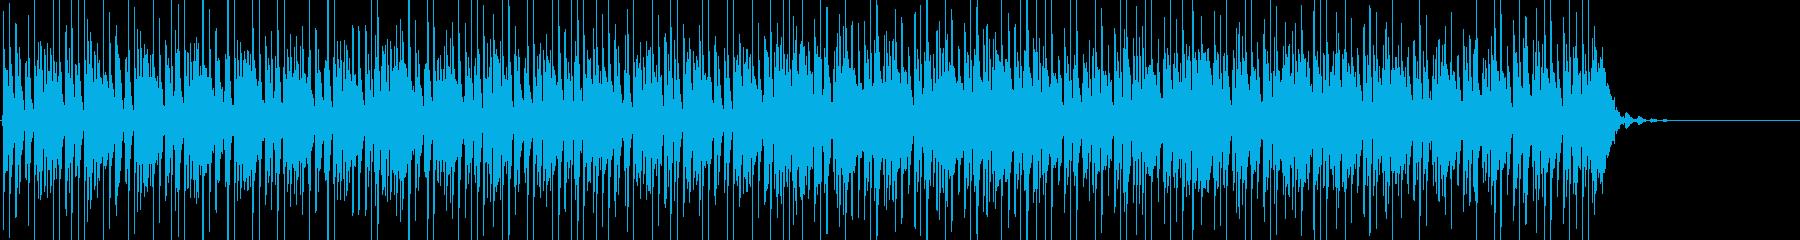 ピアノロック、おしゃれなブルースBGMの再生済みの波形